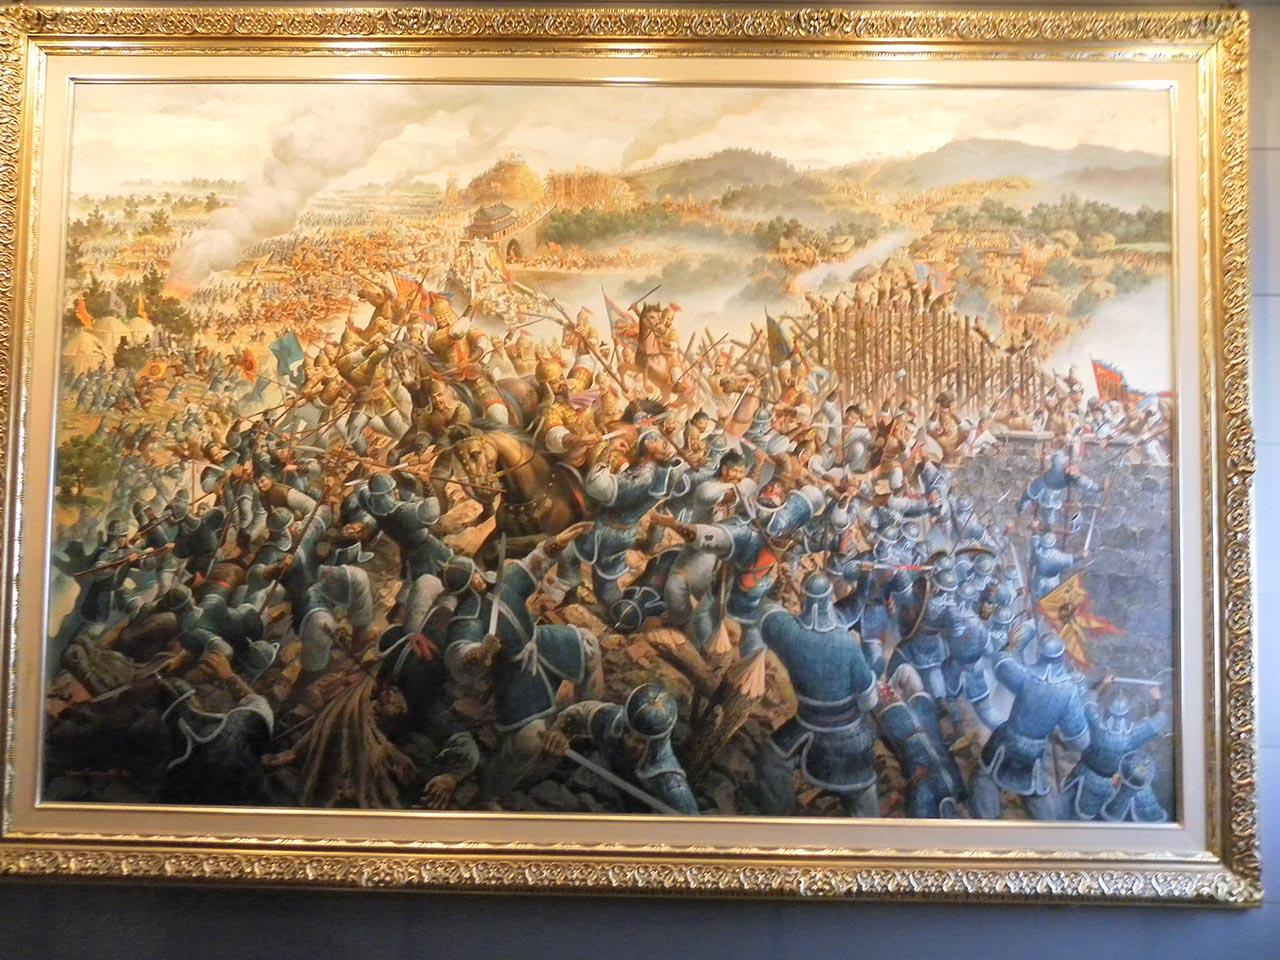 안시성 전투 상상화. 서울시 용산구의 전쟁기념관에서 찍은 사진.